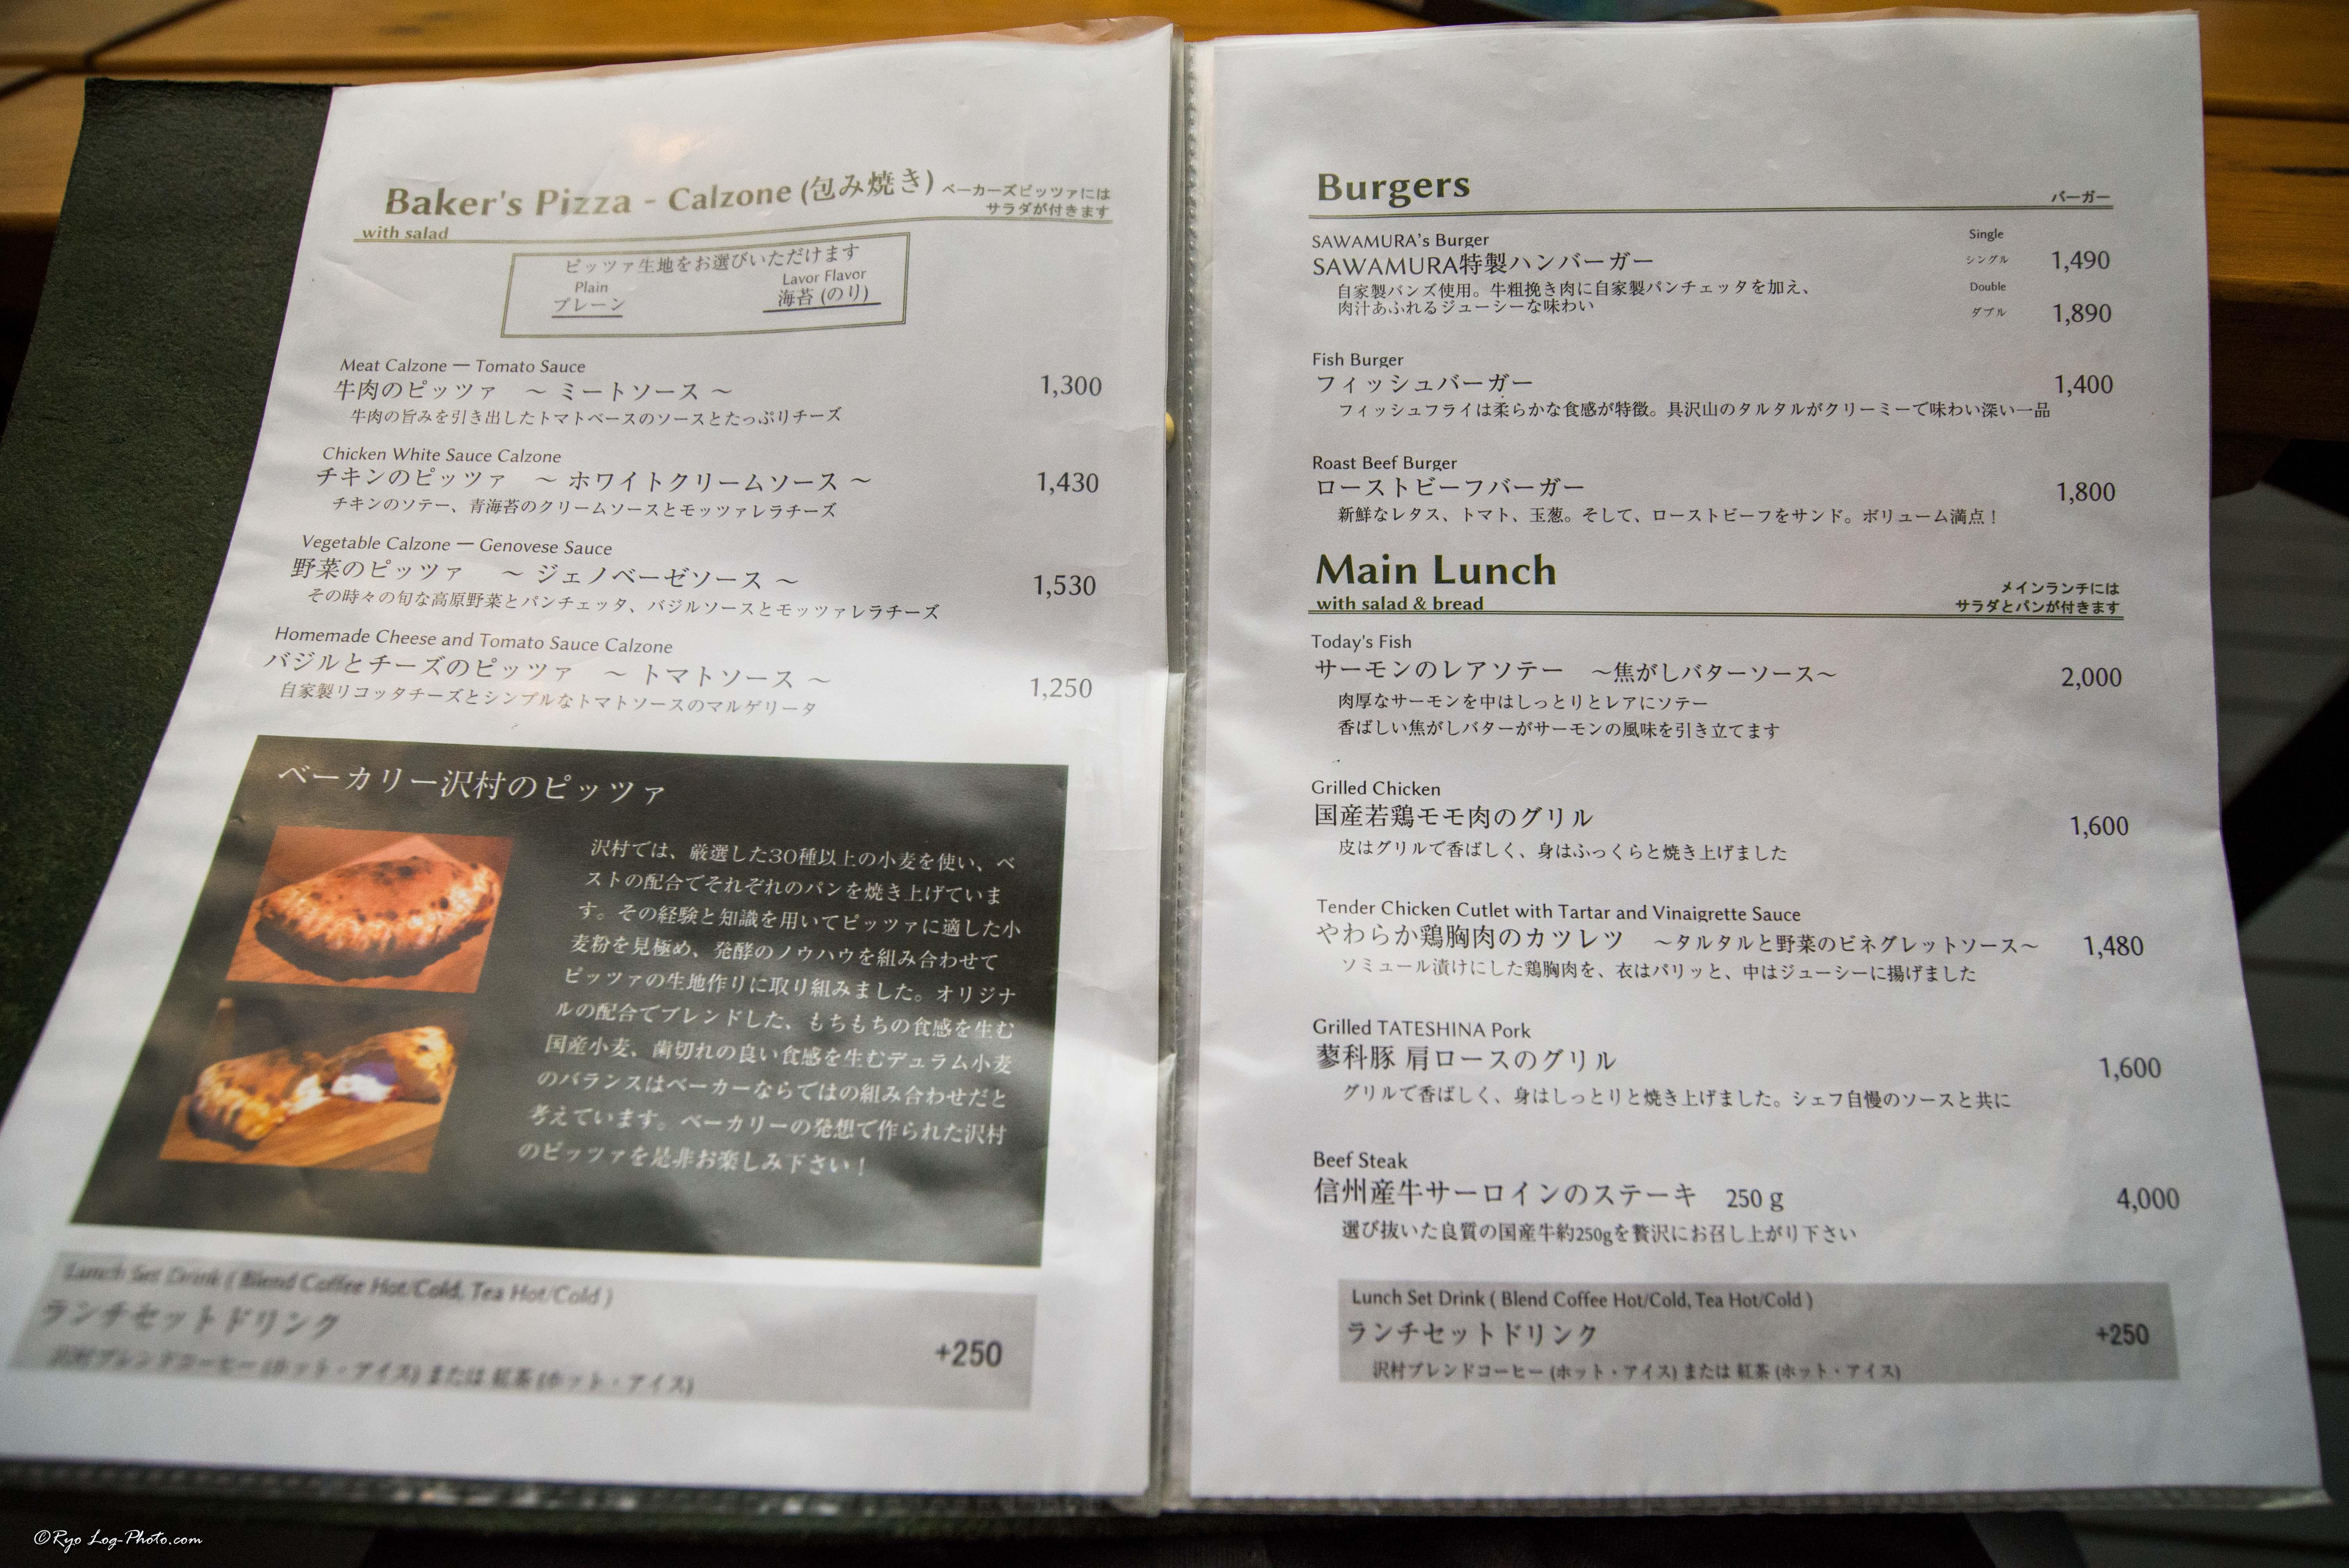 沢村のピザ、バーガー、メインランチ